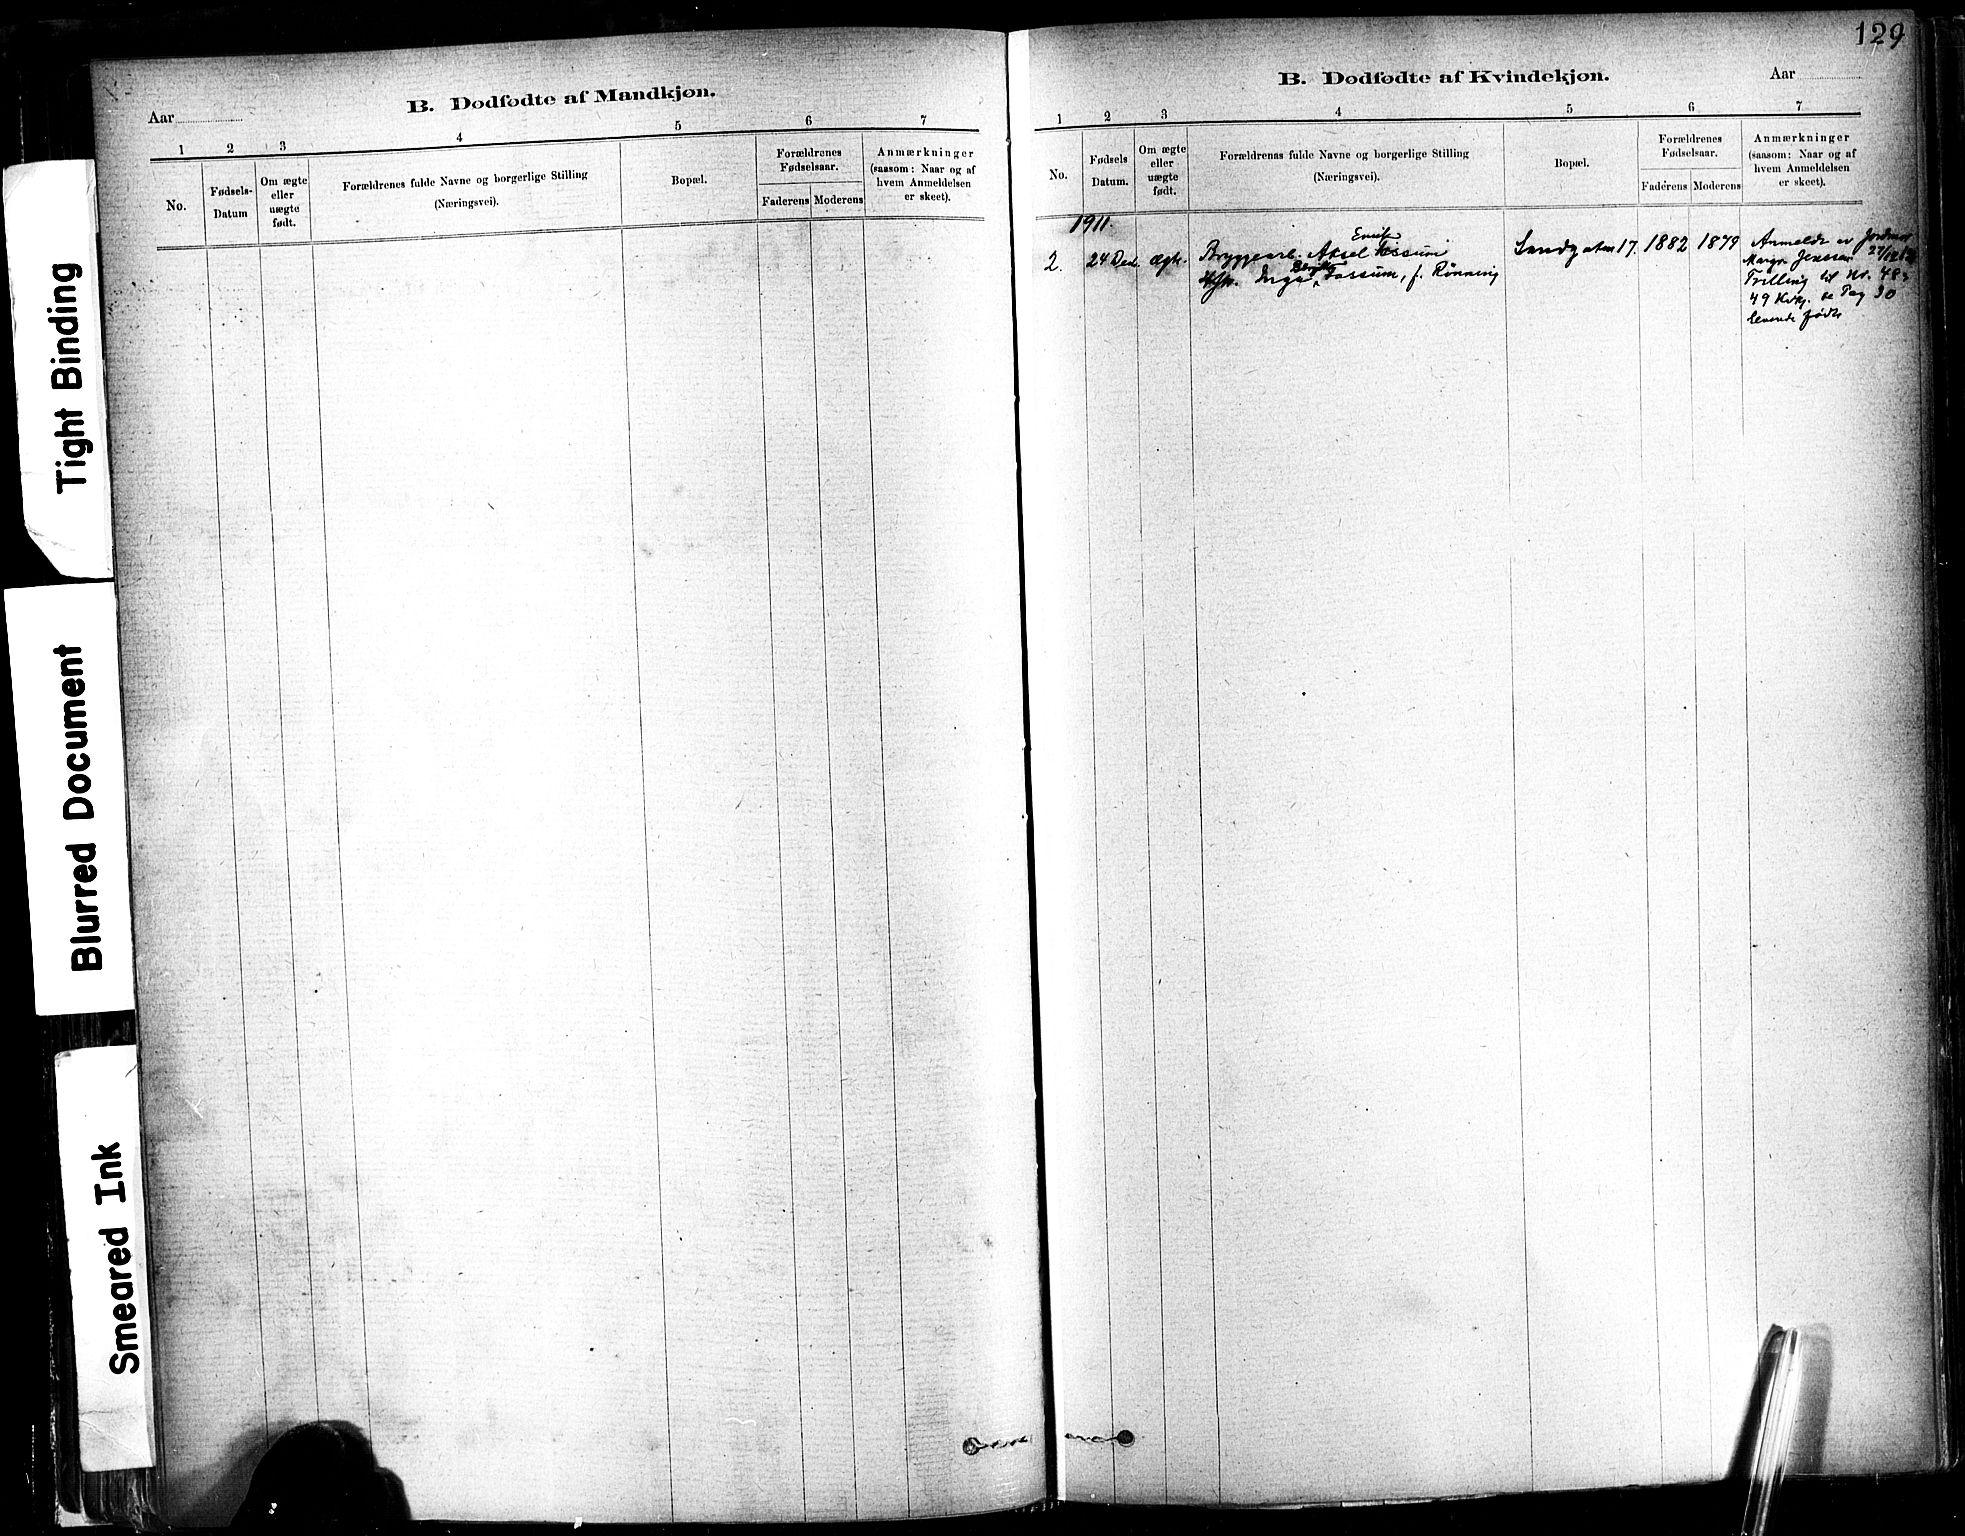 SAT, Ministerialprotokoller, klokkerbøker og fødselsregistre - Sør-Trøndelag, 602/L0119: Ministerialbok nr. 602A17, 1880-1901, s. 129